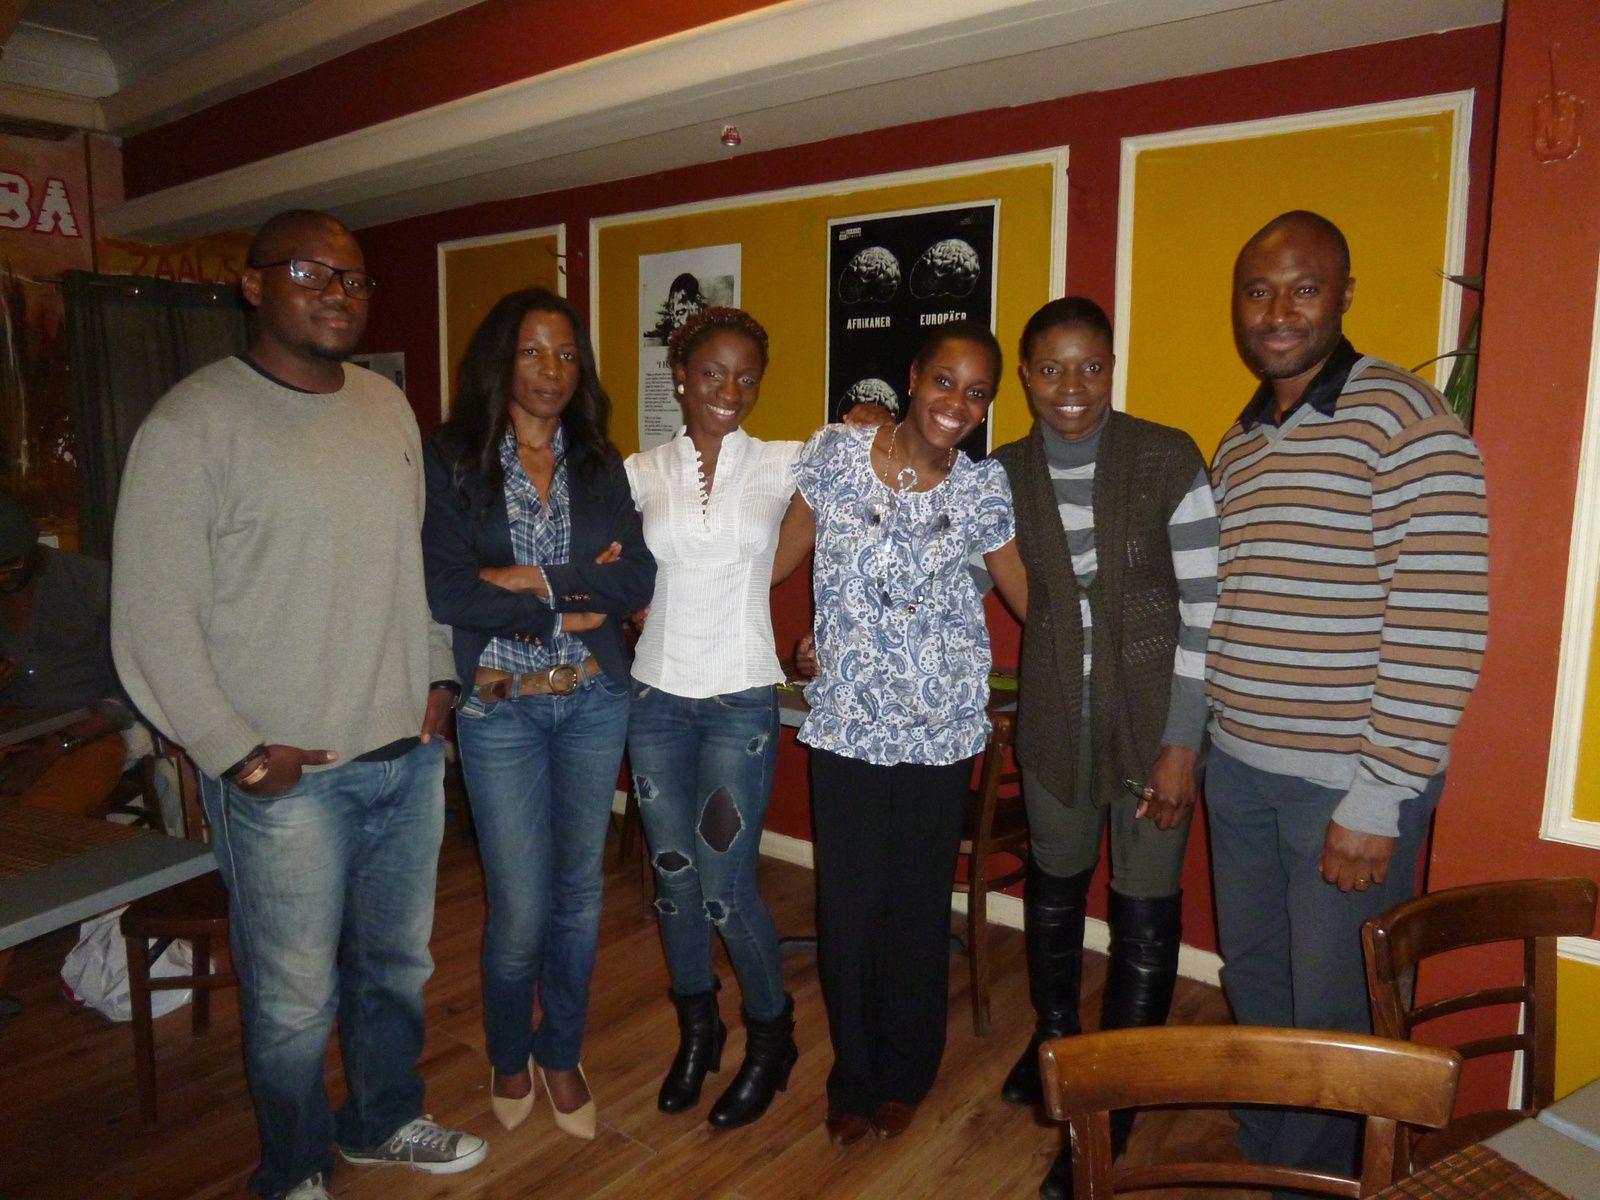 Théâtre.  Lancement du concept « la chèvre qui rit » par des artistes afro-bruxellois